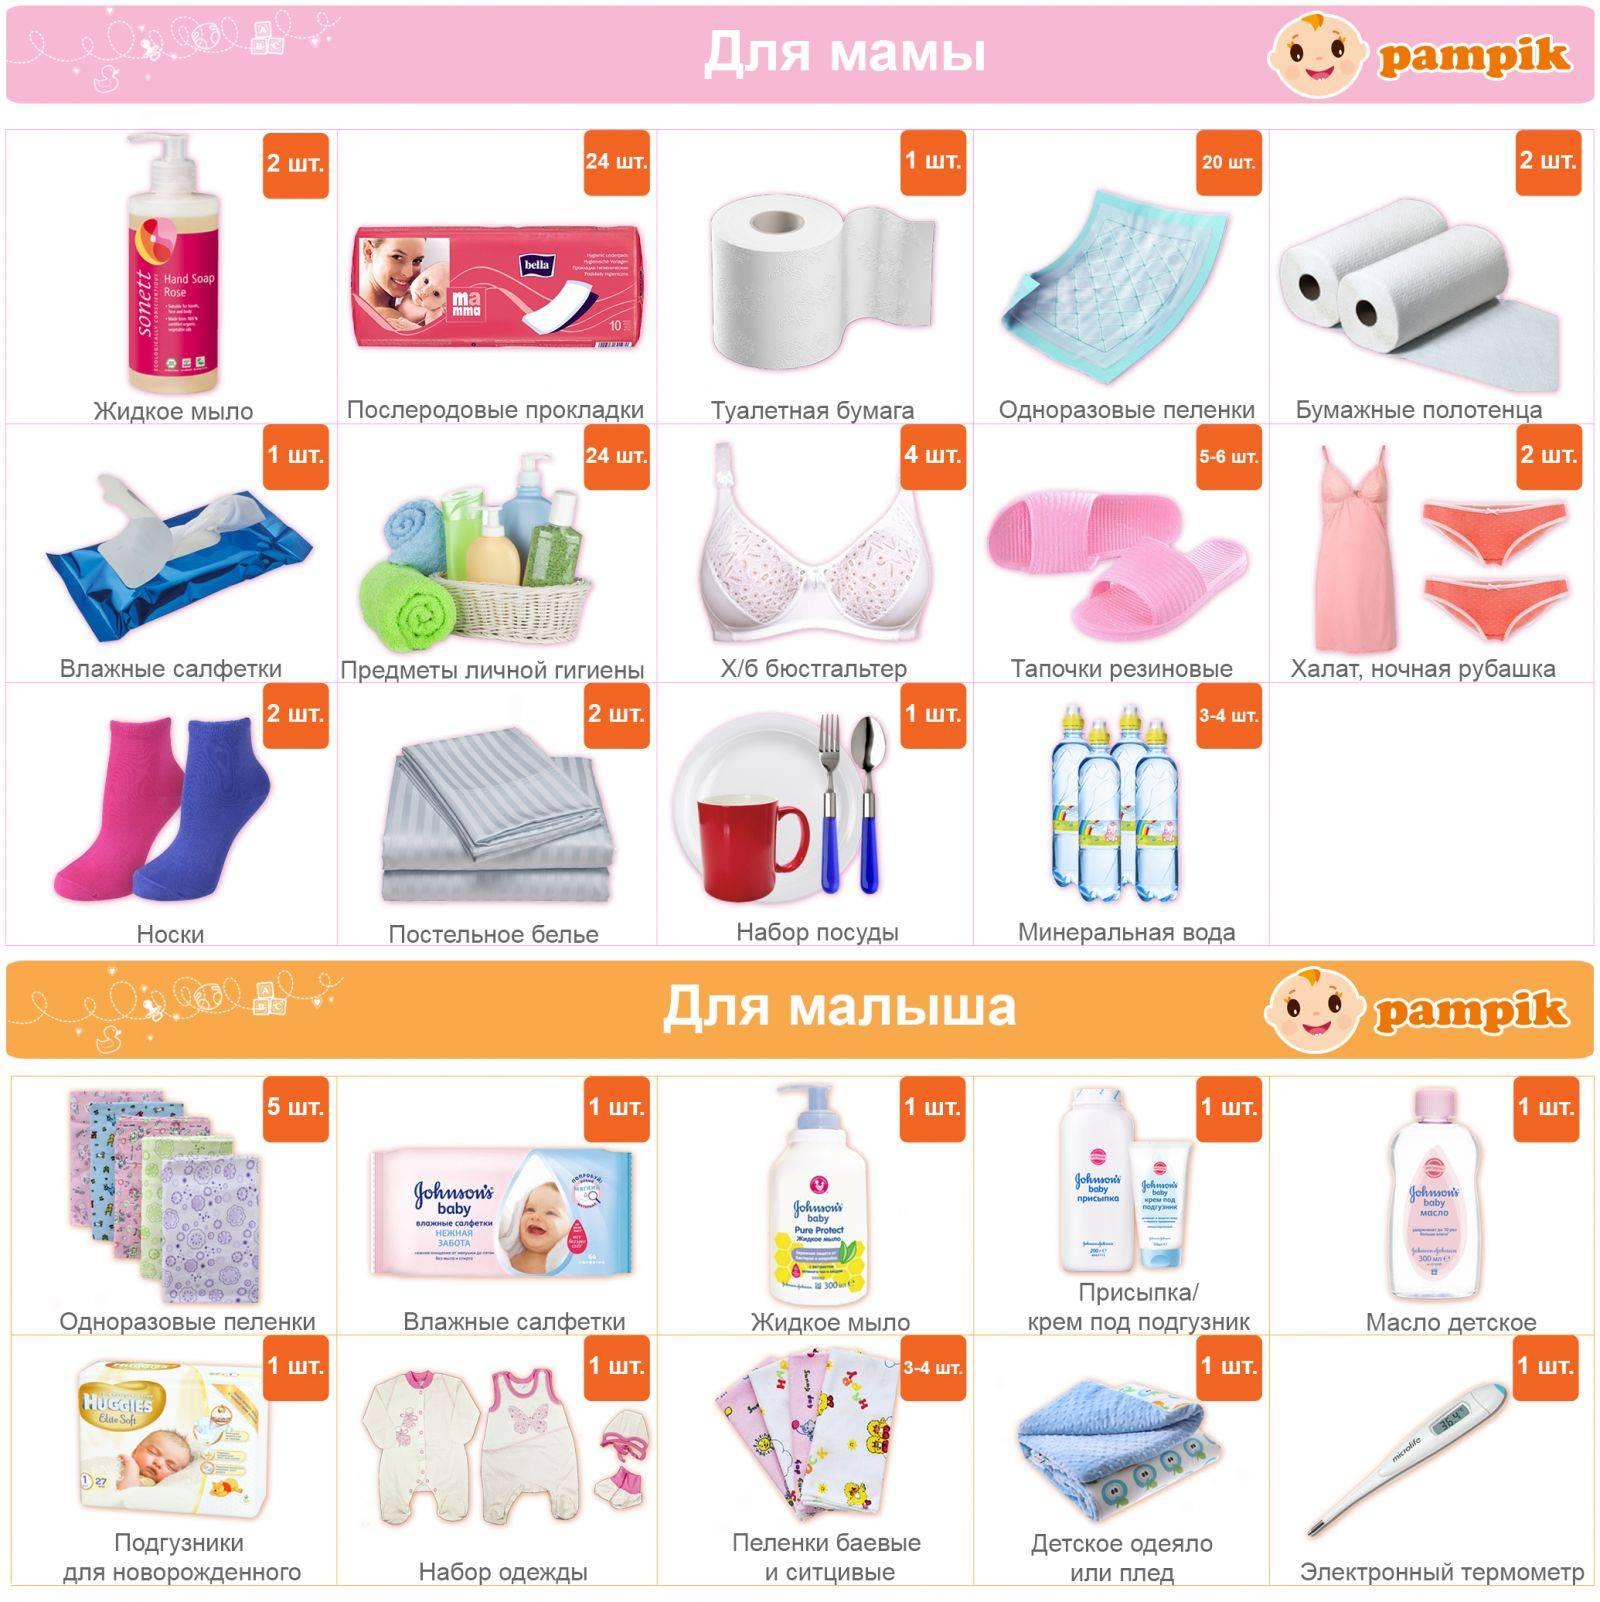 Собираем сумку в роддом: списки вещей для мамы и малыша